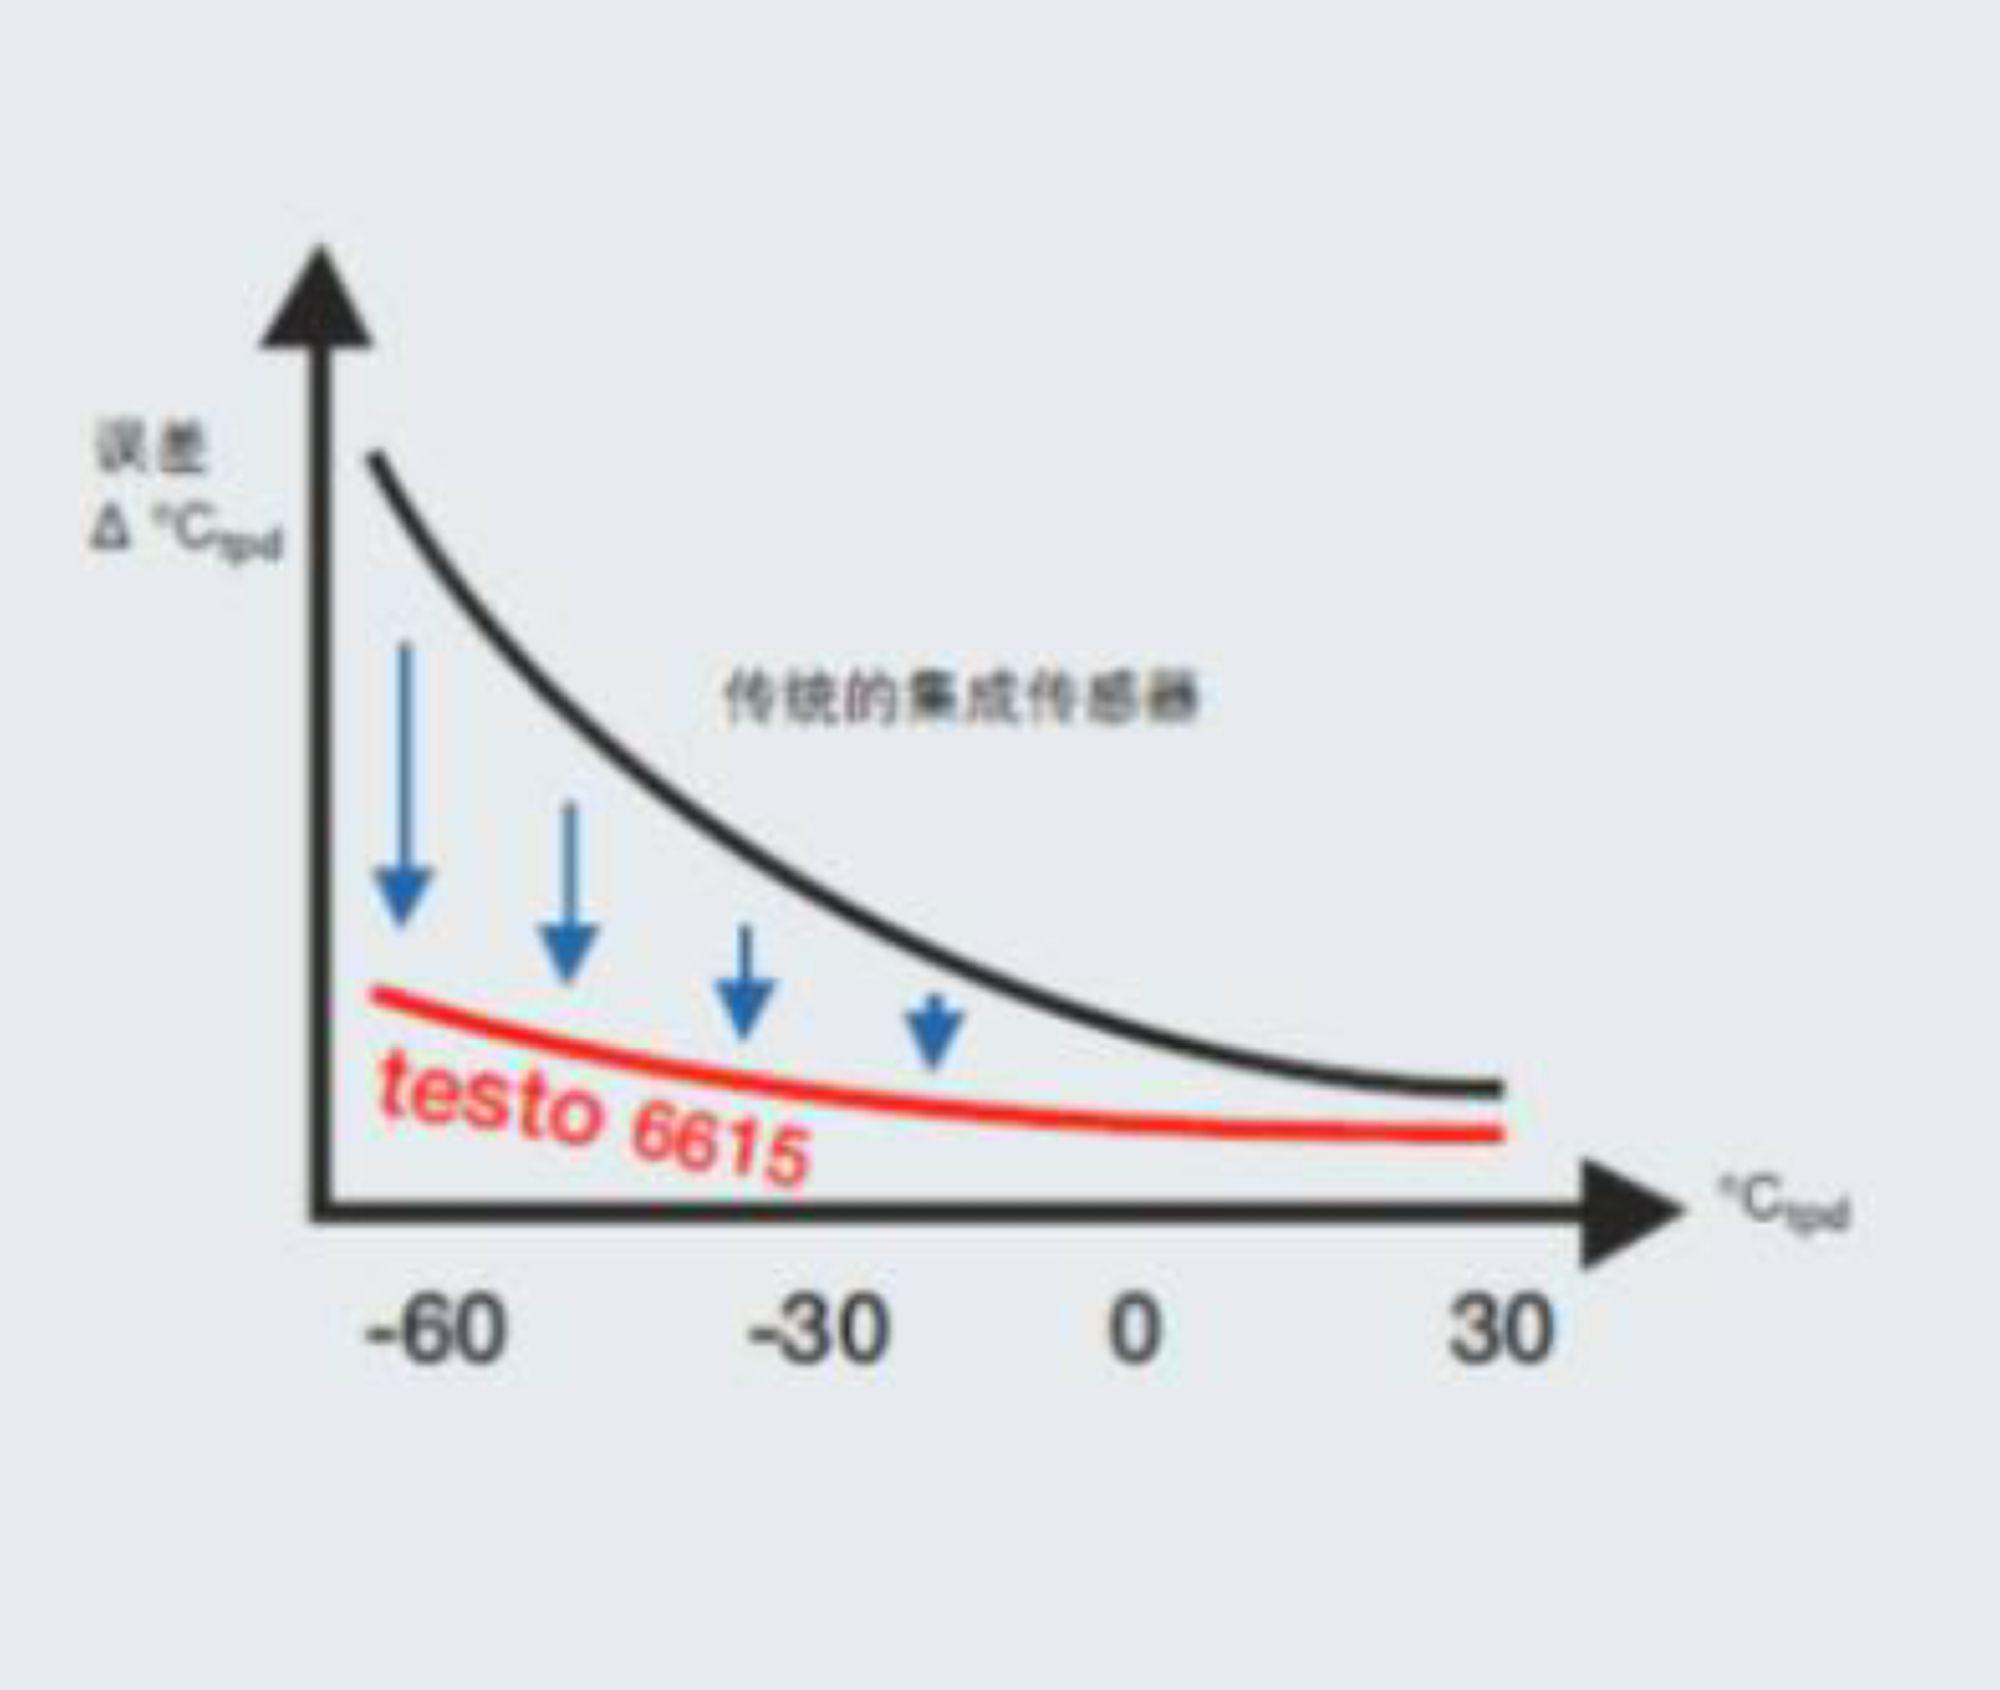 在压缩空气与干燥气体中,微量湿度的测量也是另一个极端的挑战,testo 6615数字探头可以在-60℃露点的低微量湿度(相当于25℃环境下测量0.03%RH的湿度)。